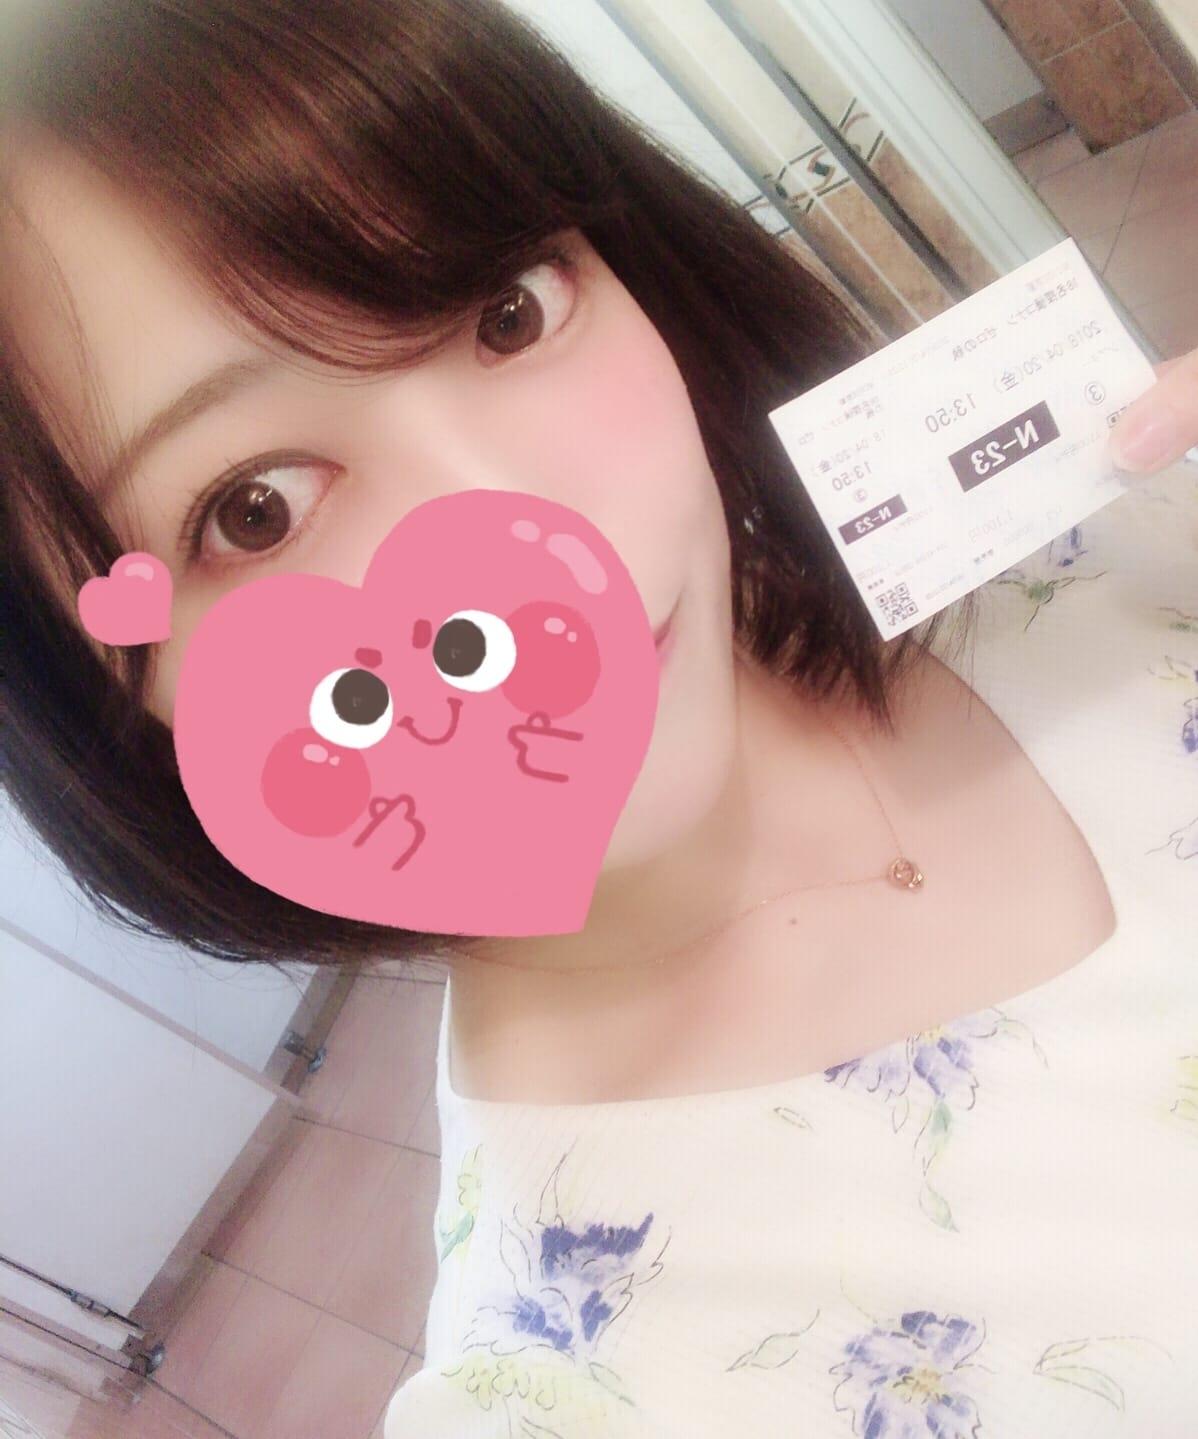 「出勤(*^^*)」04/20(04/20) 20:33 | きのぴおの写メ・風俗動画